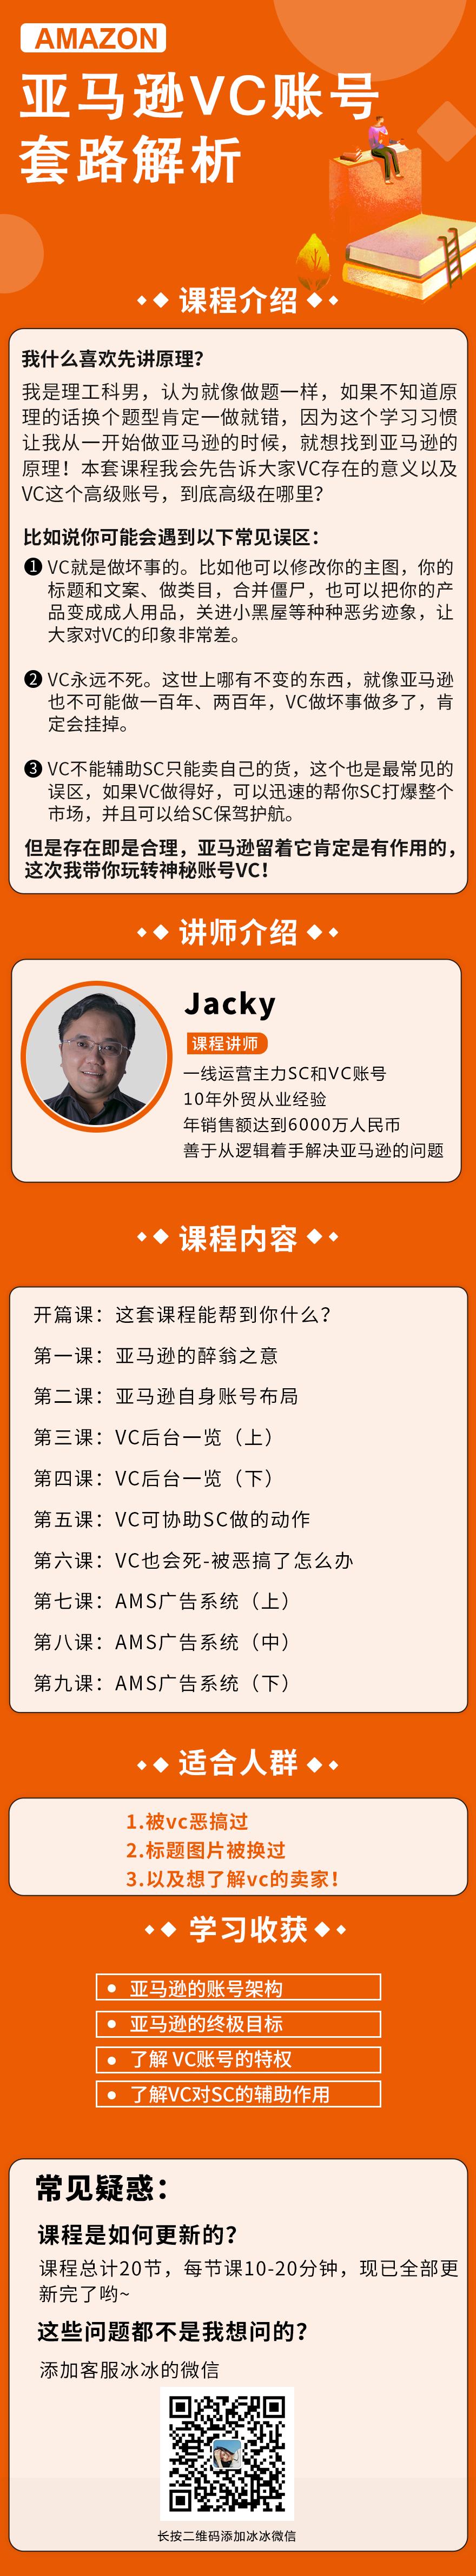 VC解密详情页.png